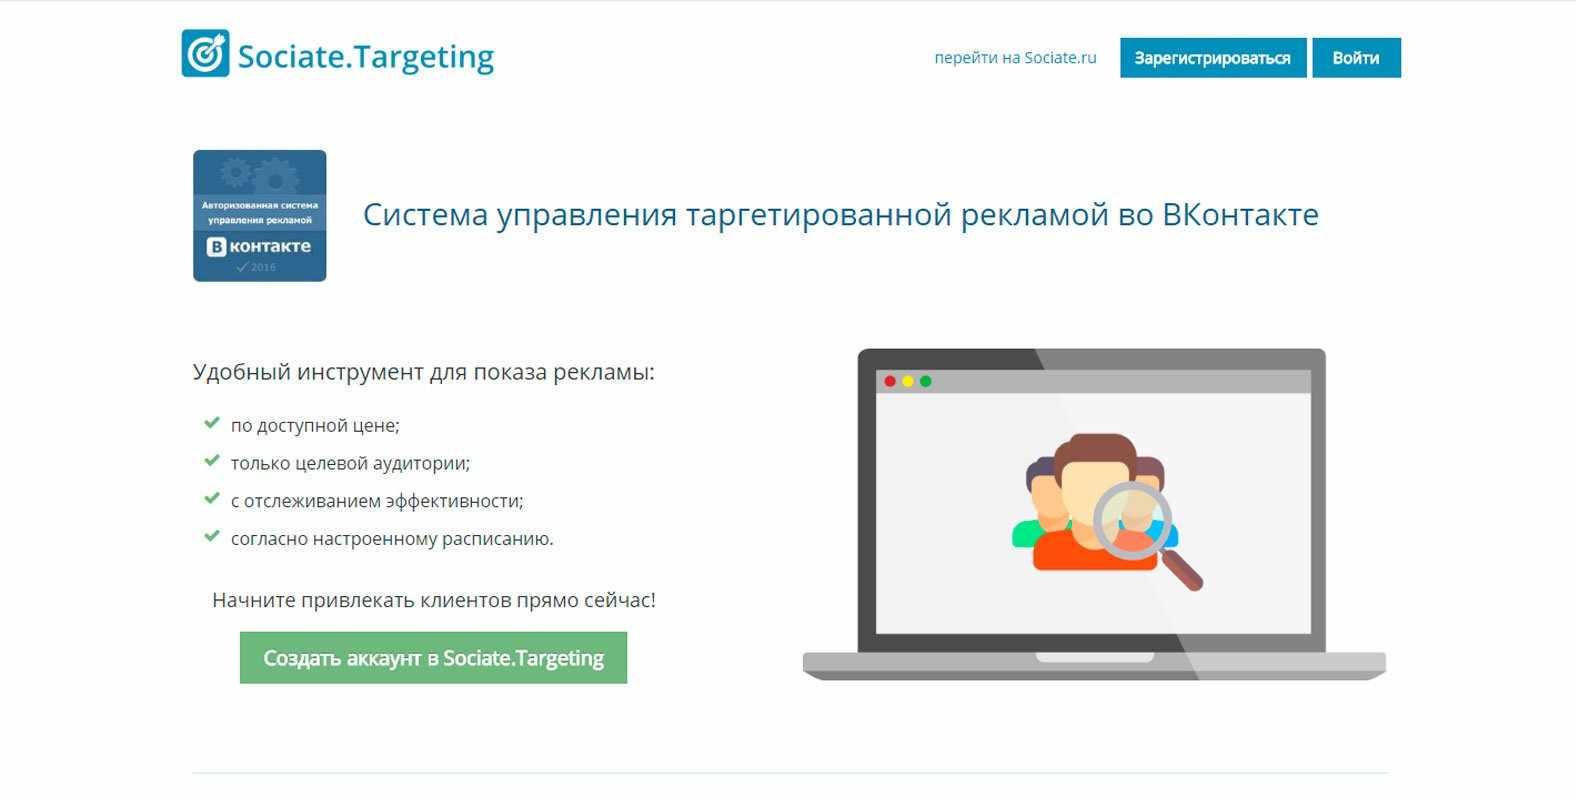 Автоматизация таргетированной рекламы